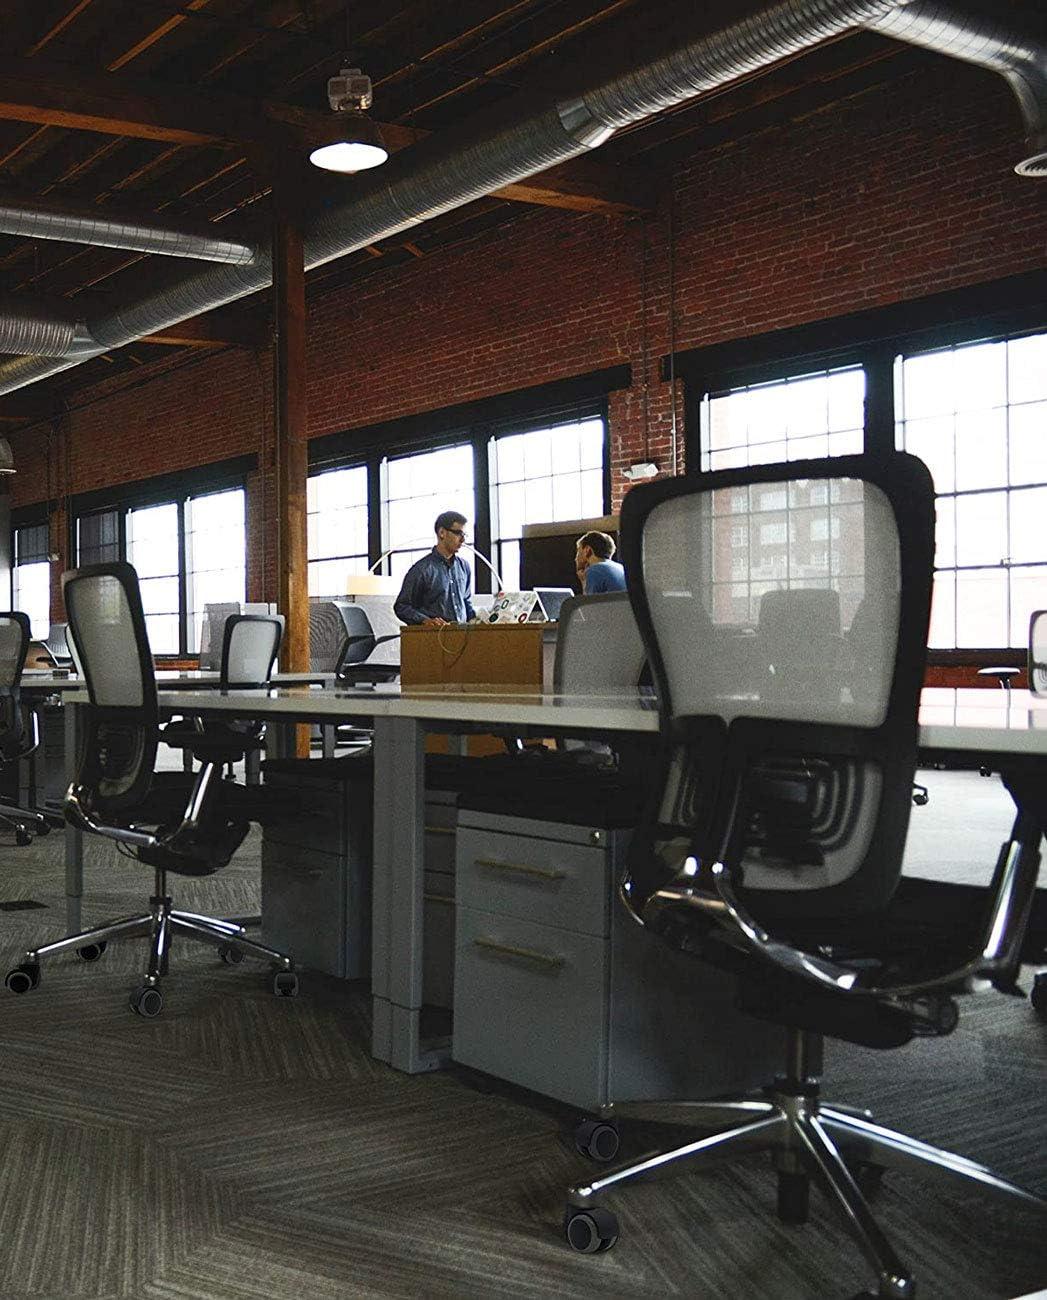 Laminato Piastrelle YUEMING 5 x Rotelle per Sedia da Ufficio,Universale Standard 11mm x 22mm Bianca Rotelline Ricambio sedie girevoli Senza Freno,per Pavimenti Duri Parquet